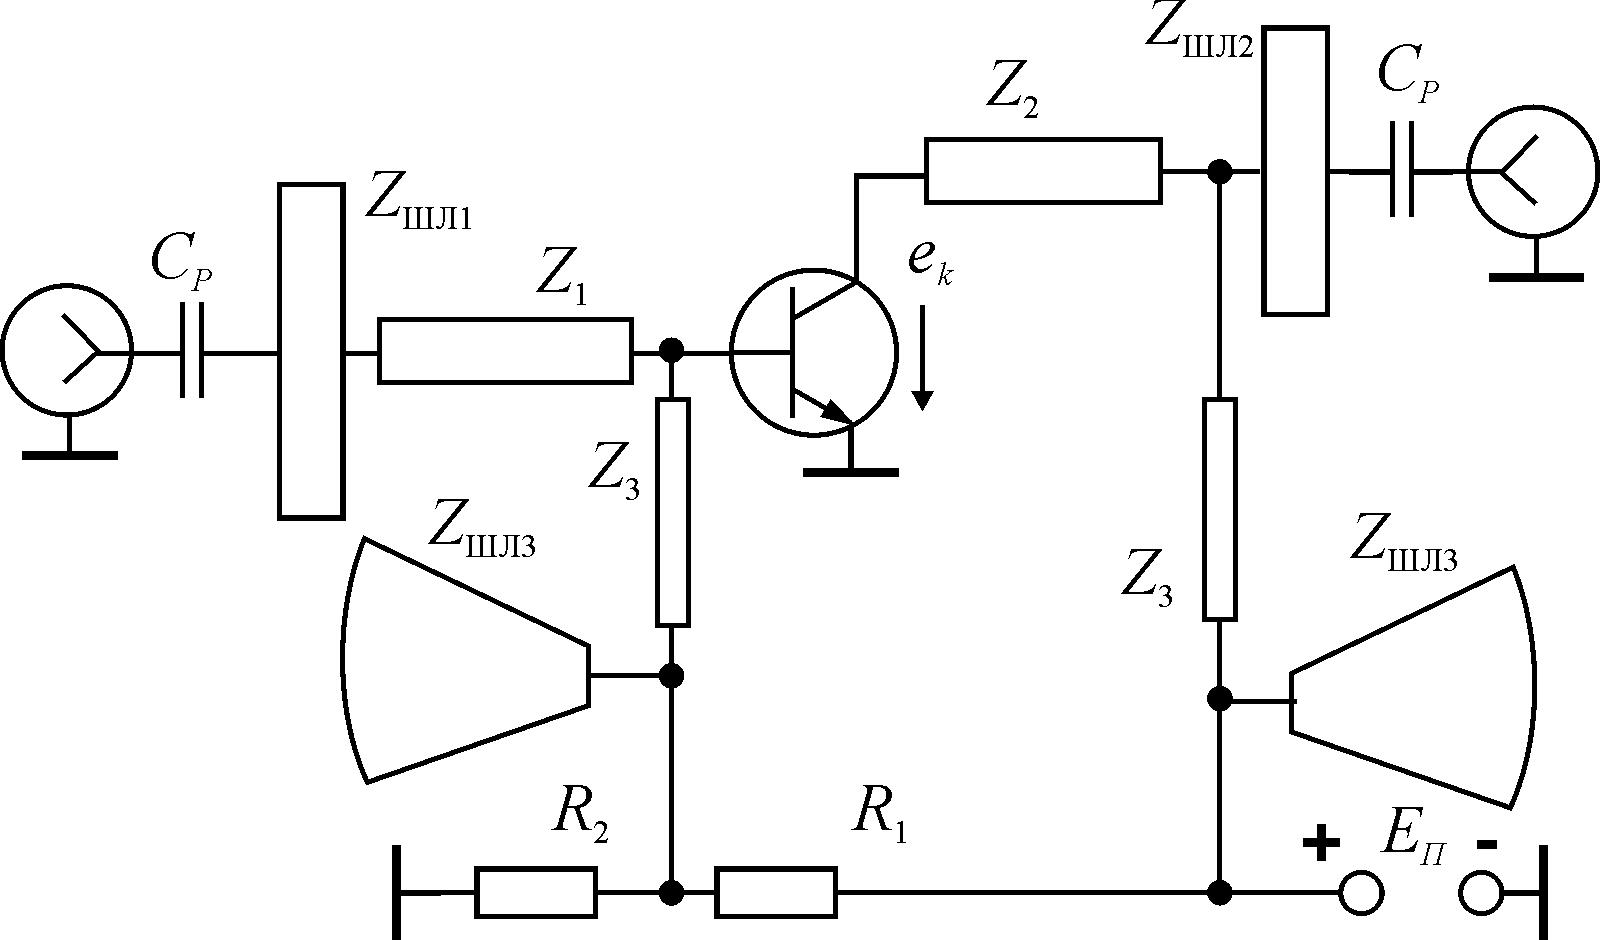 принципиальная схема щр